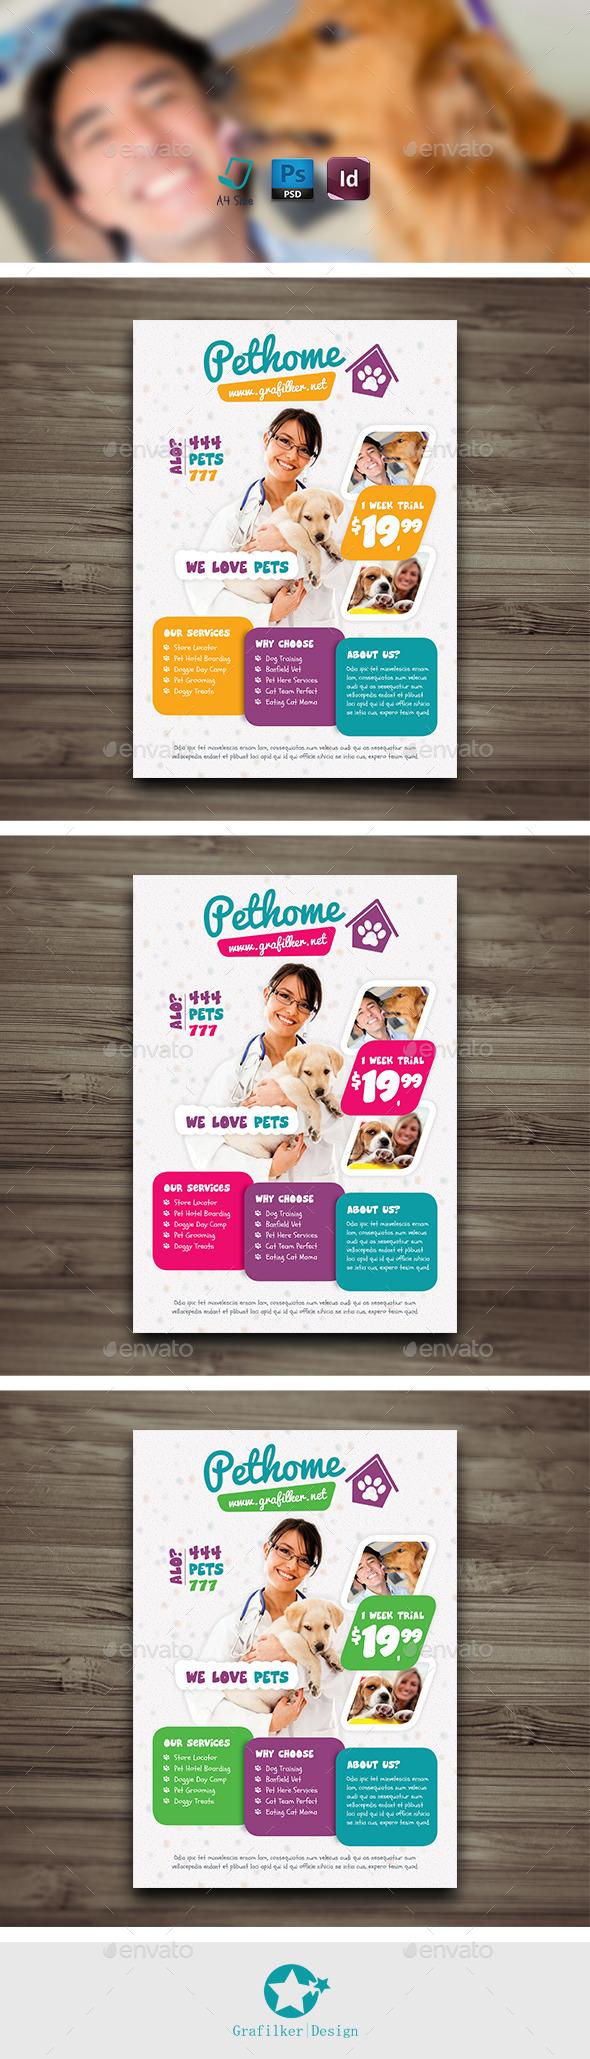 GraphicRiver Pet Shop Flyer Templates 9945780